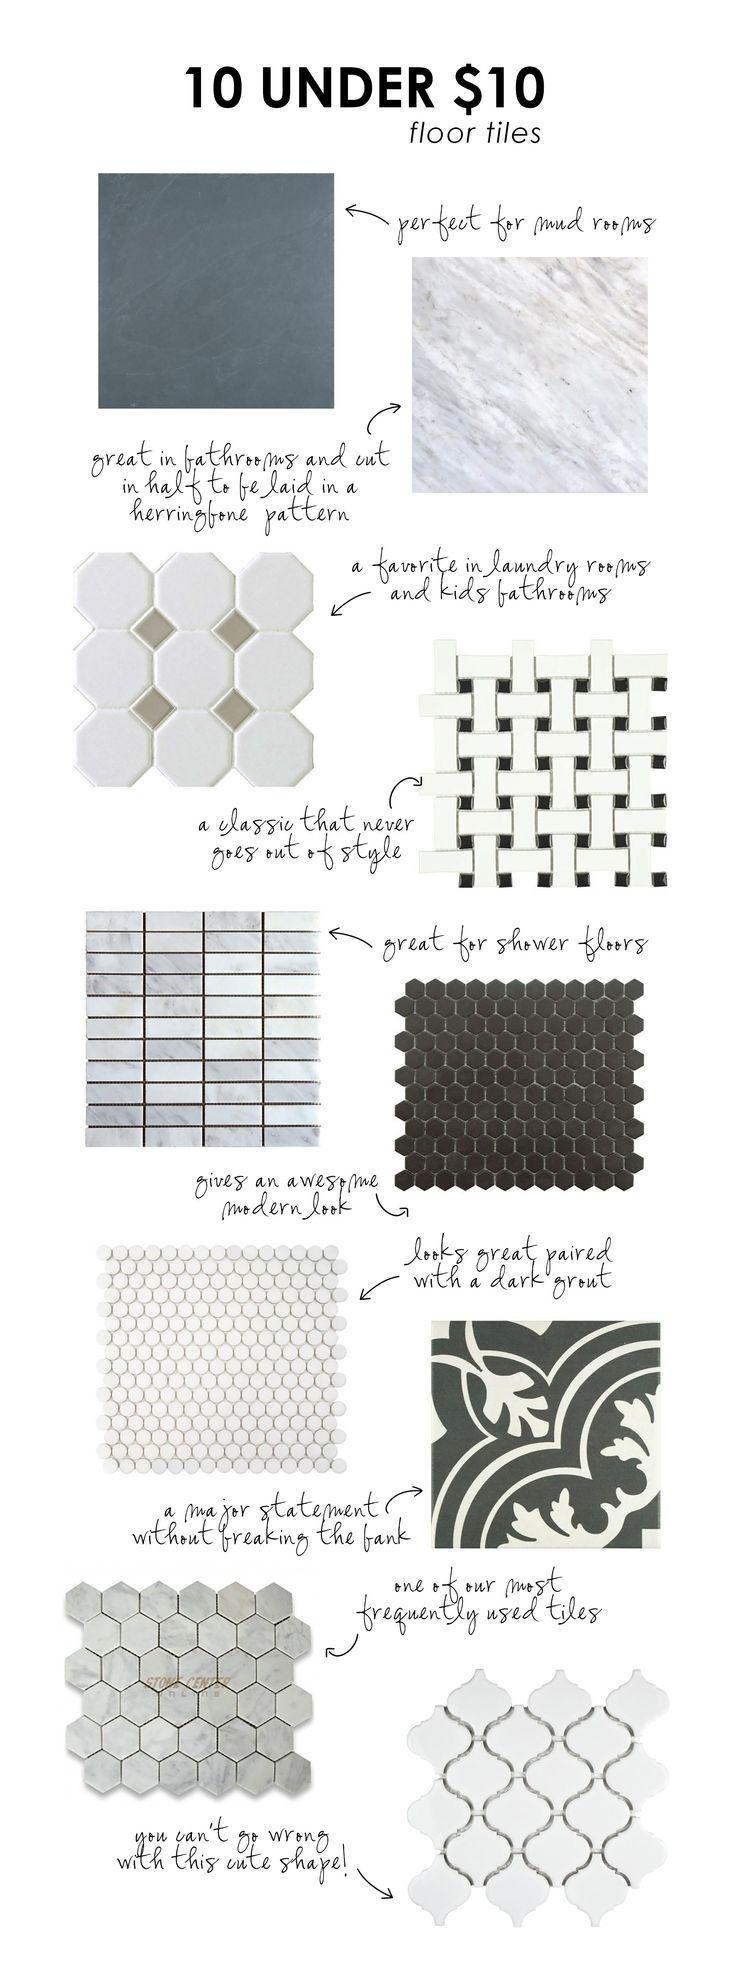 10 floor tiles under $10/sq.ft.